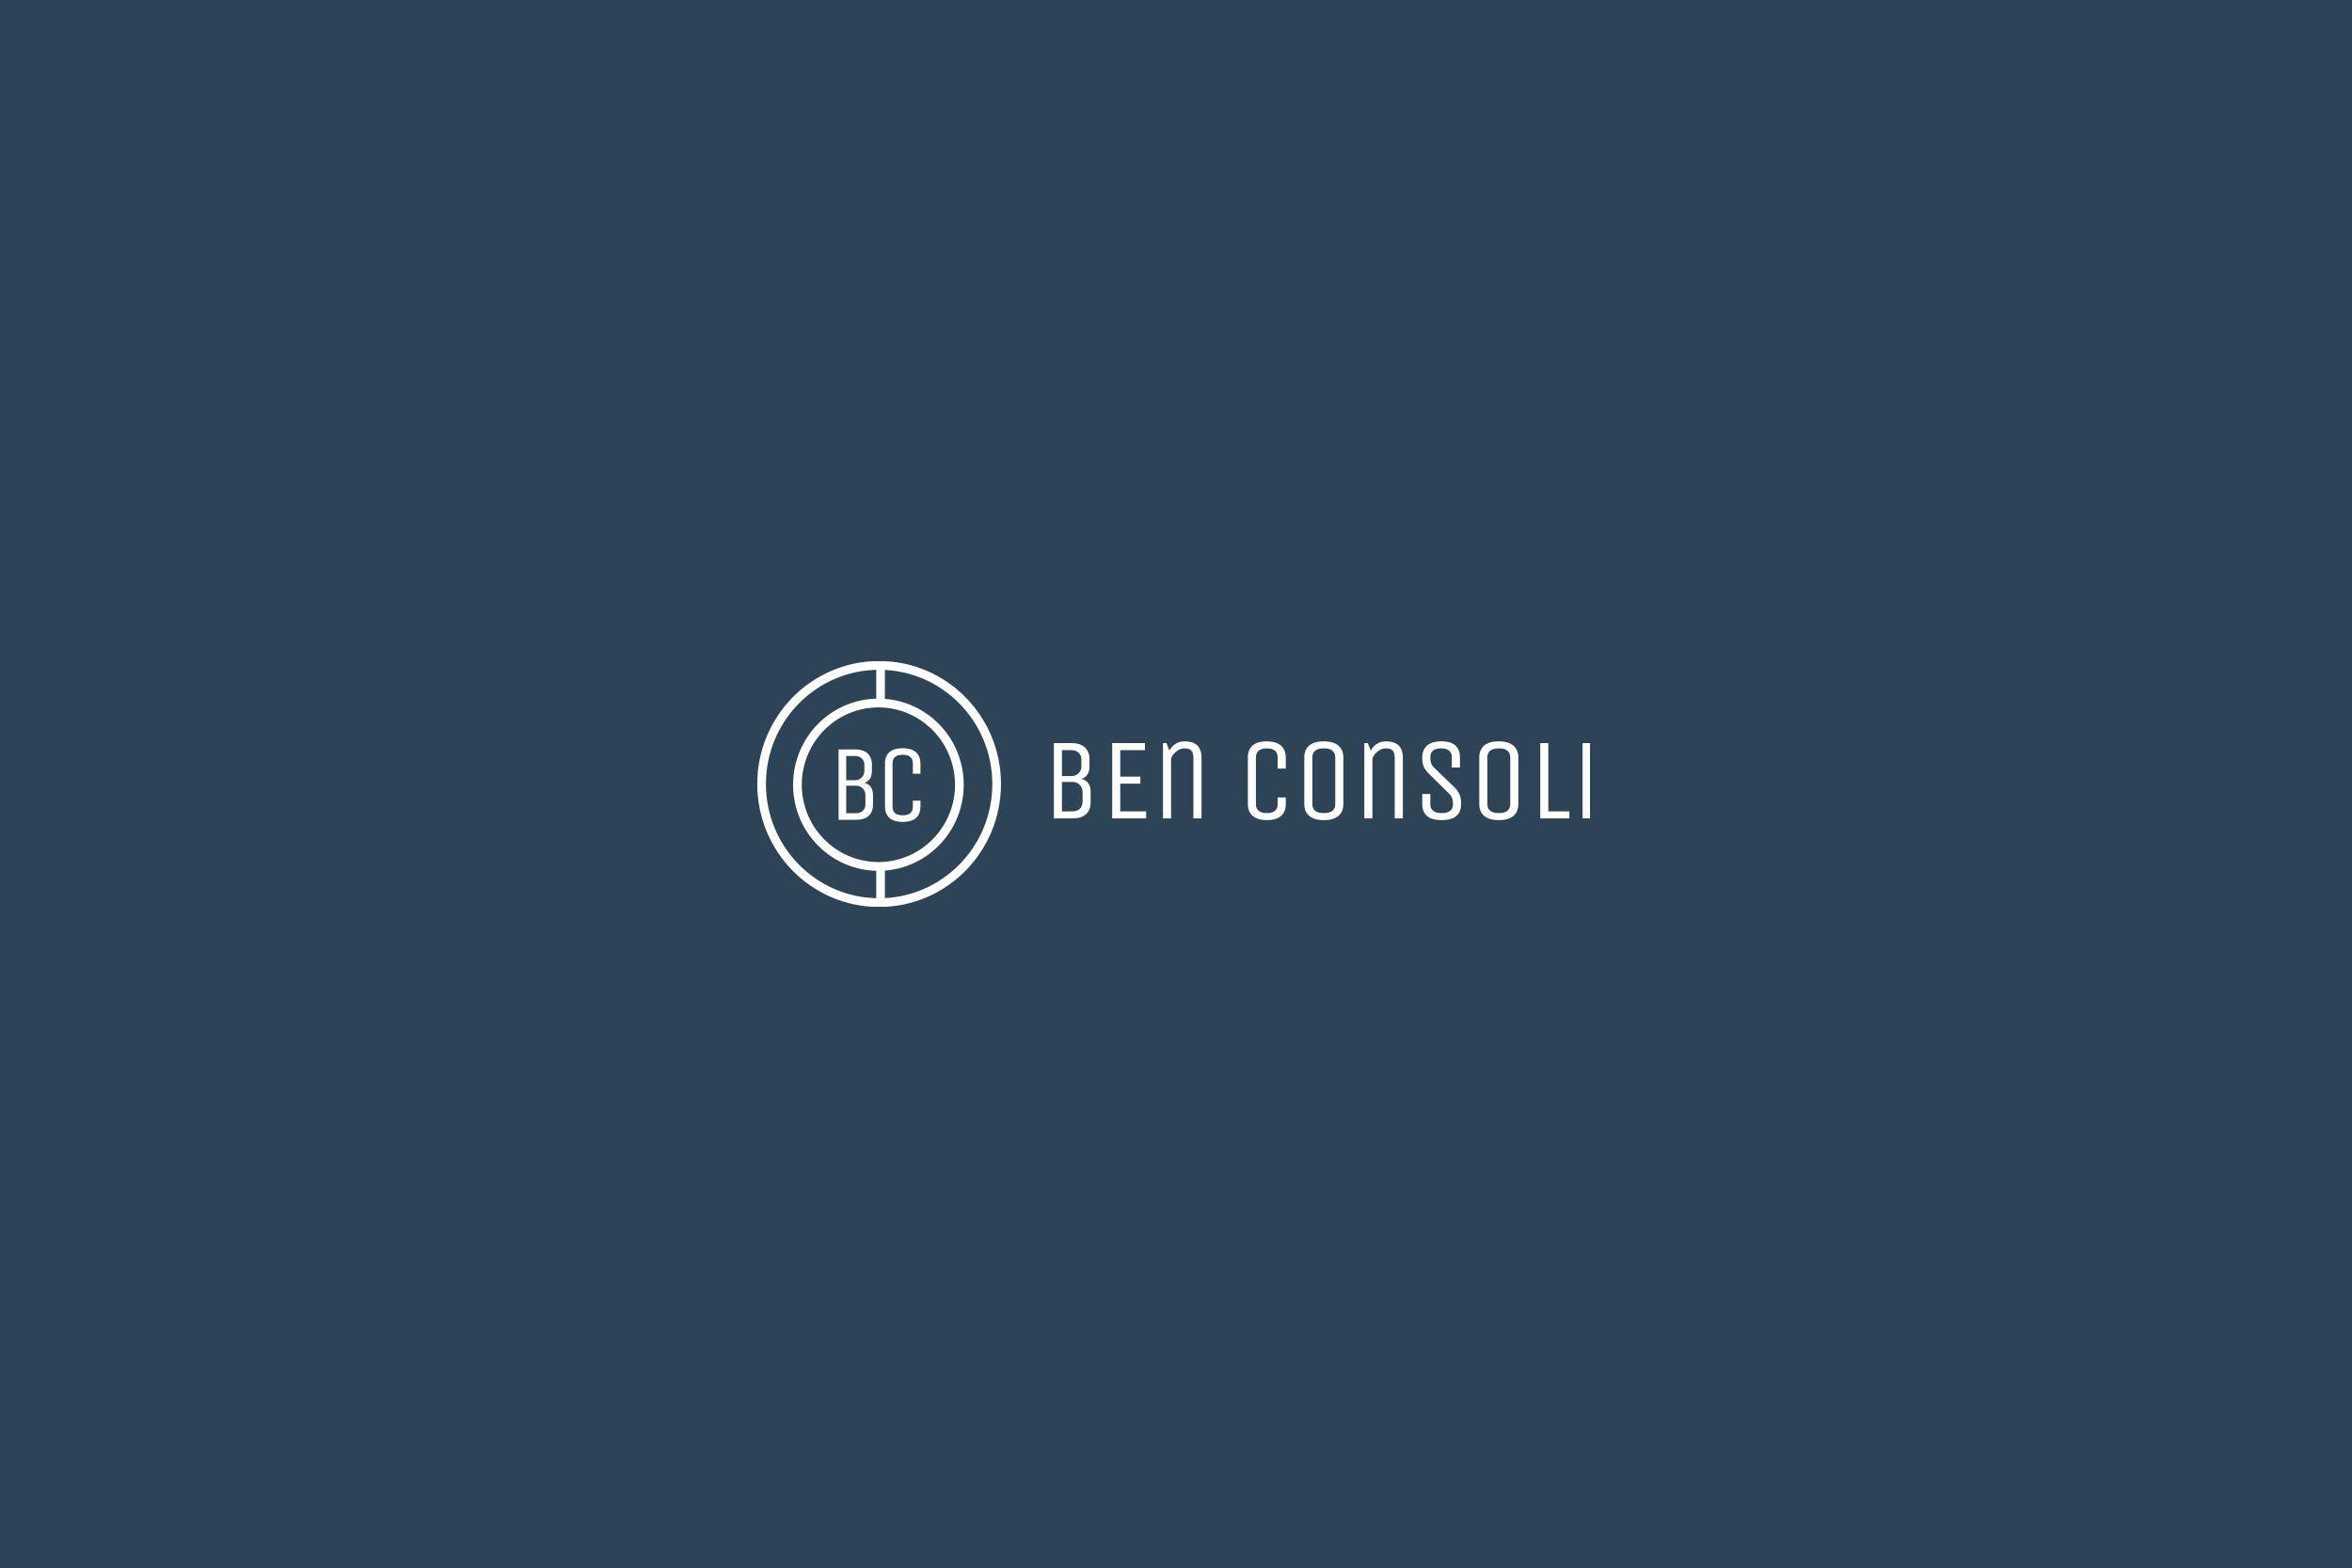 Logo on dark blue background